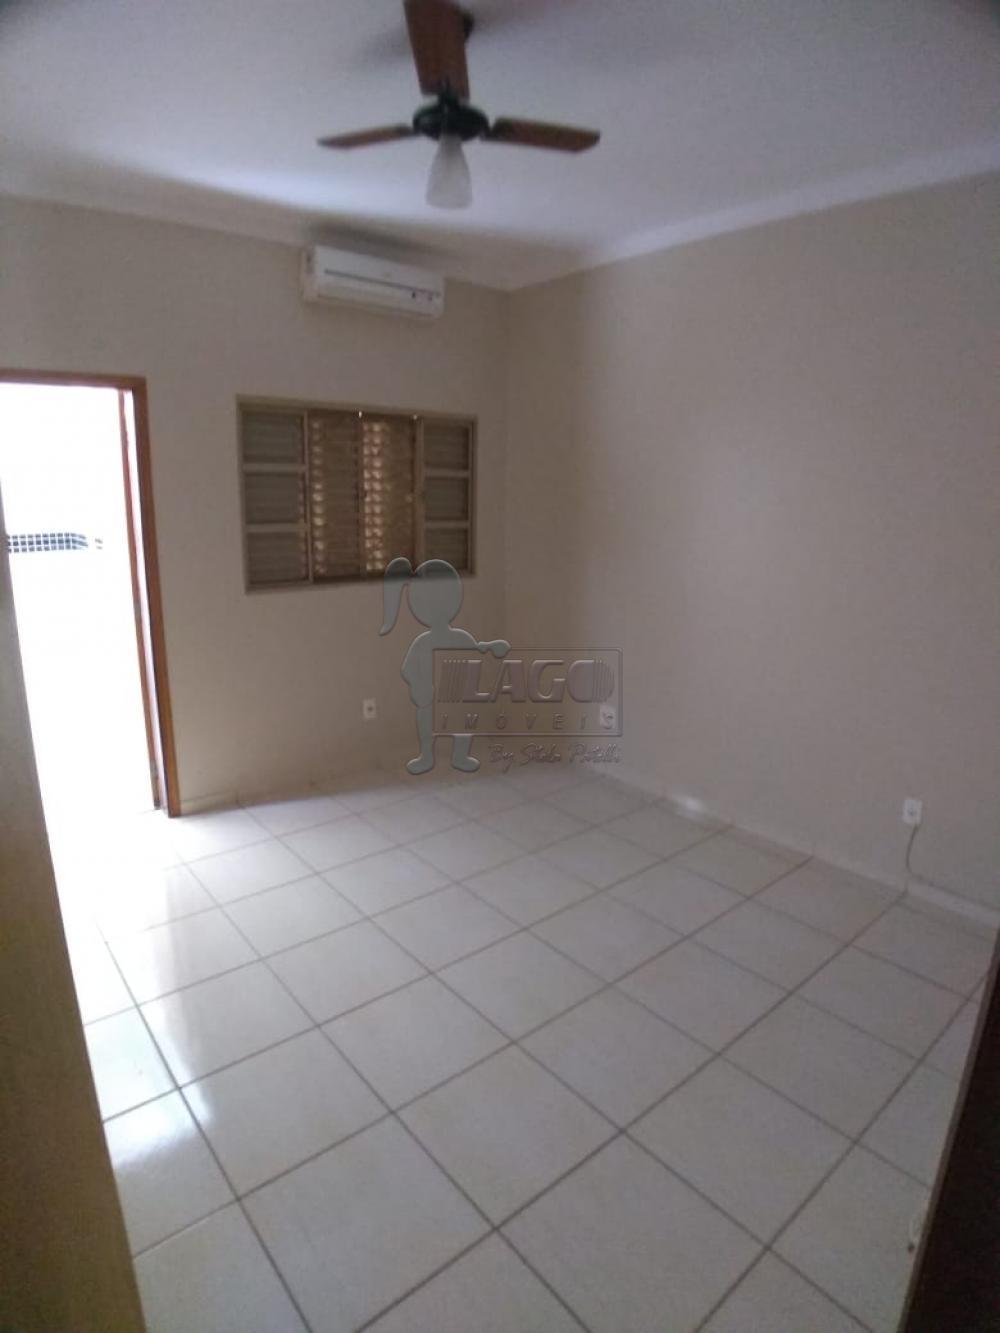 Alugar Casas / Padrão em Ribeirão Preto apenas R$ 1.500,00 - Foto 25